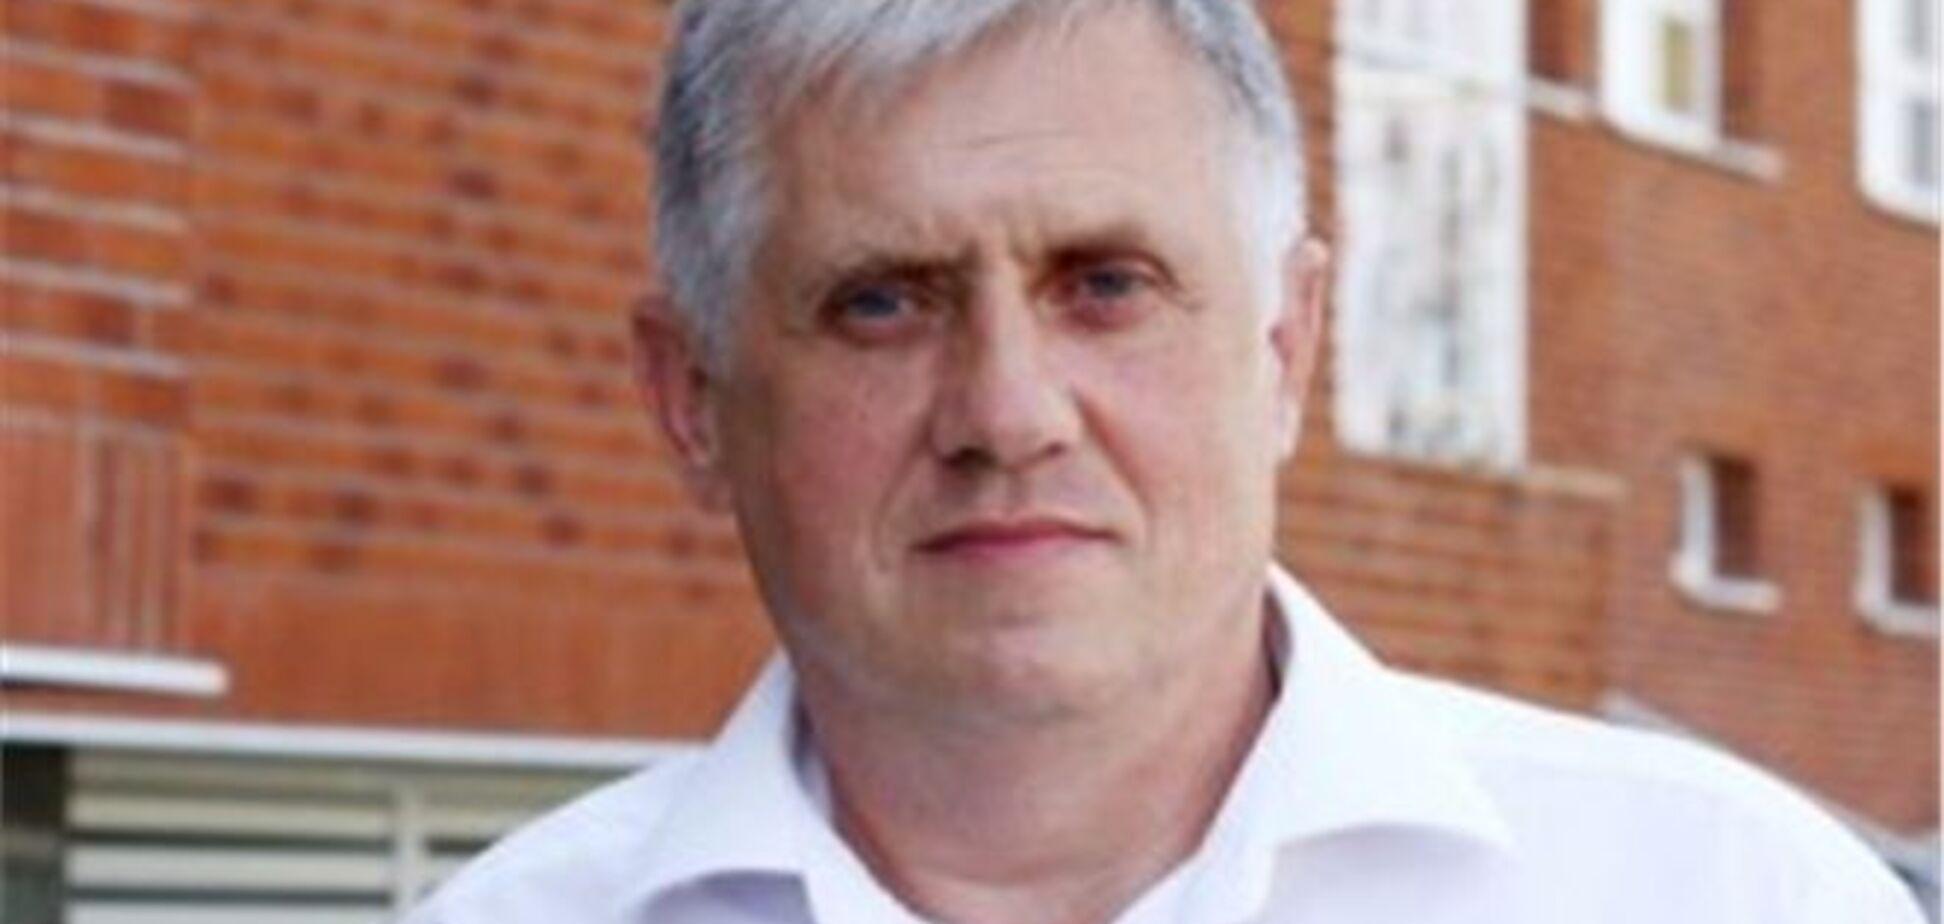 За хабар затримано голову одного з районів Львова